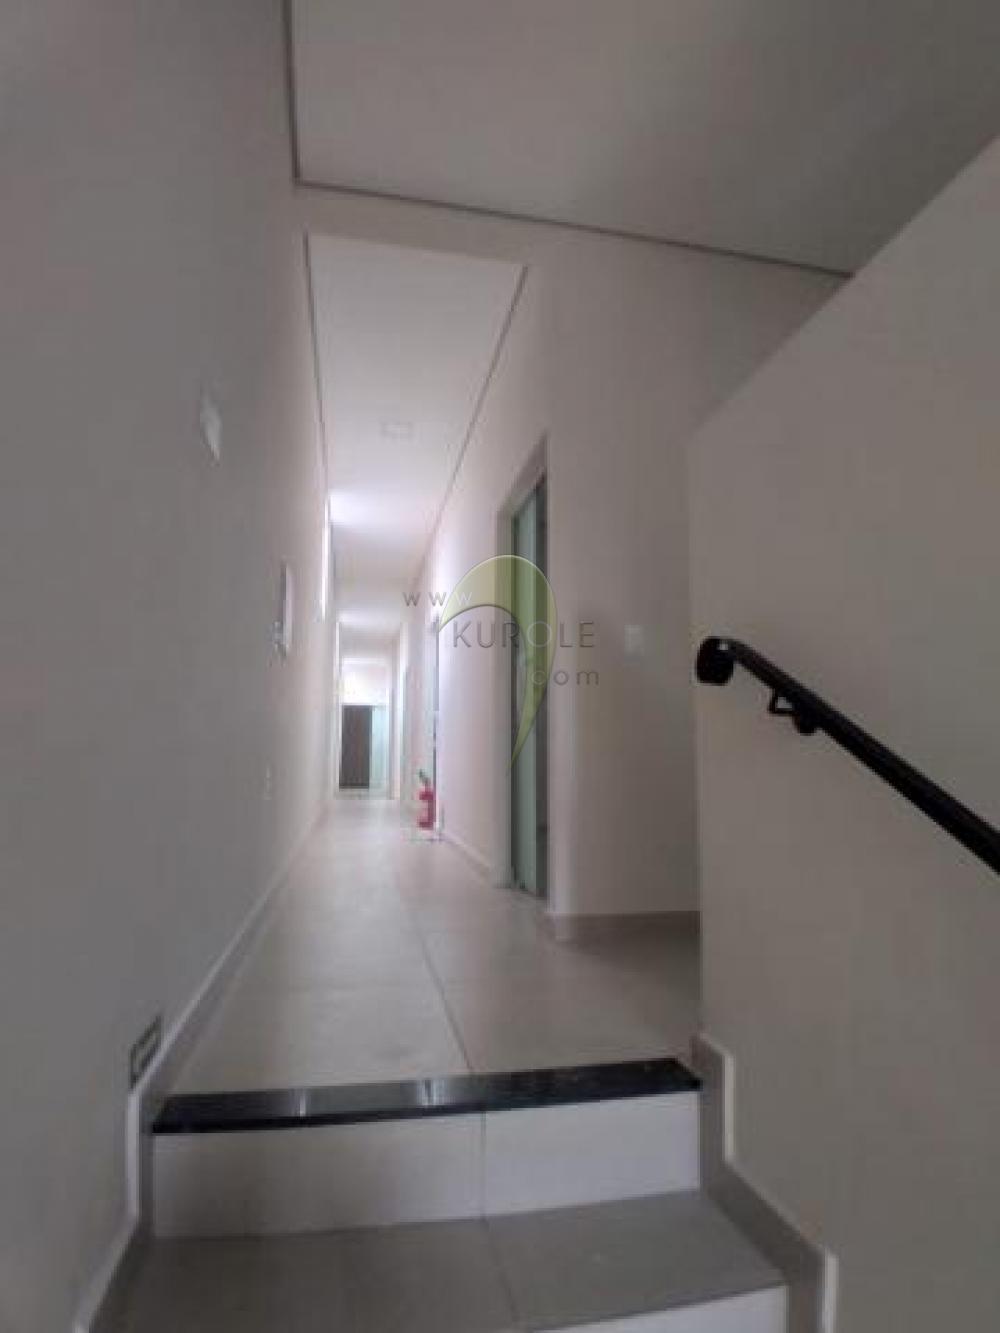 alt='Comprar Apartamento / Cobertura em Pradópolis R$ 150.000,00 - Foto 7' title='Comprar Apartamento / Cobertura em Pradópolis R$ 150.000,00 - Foto 7'